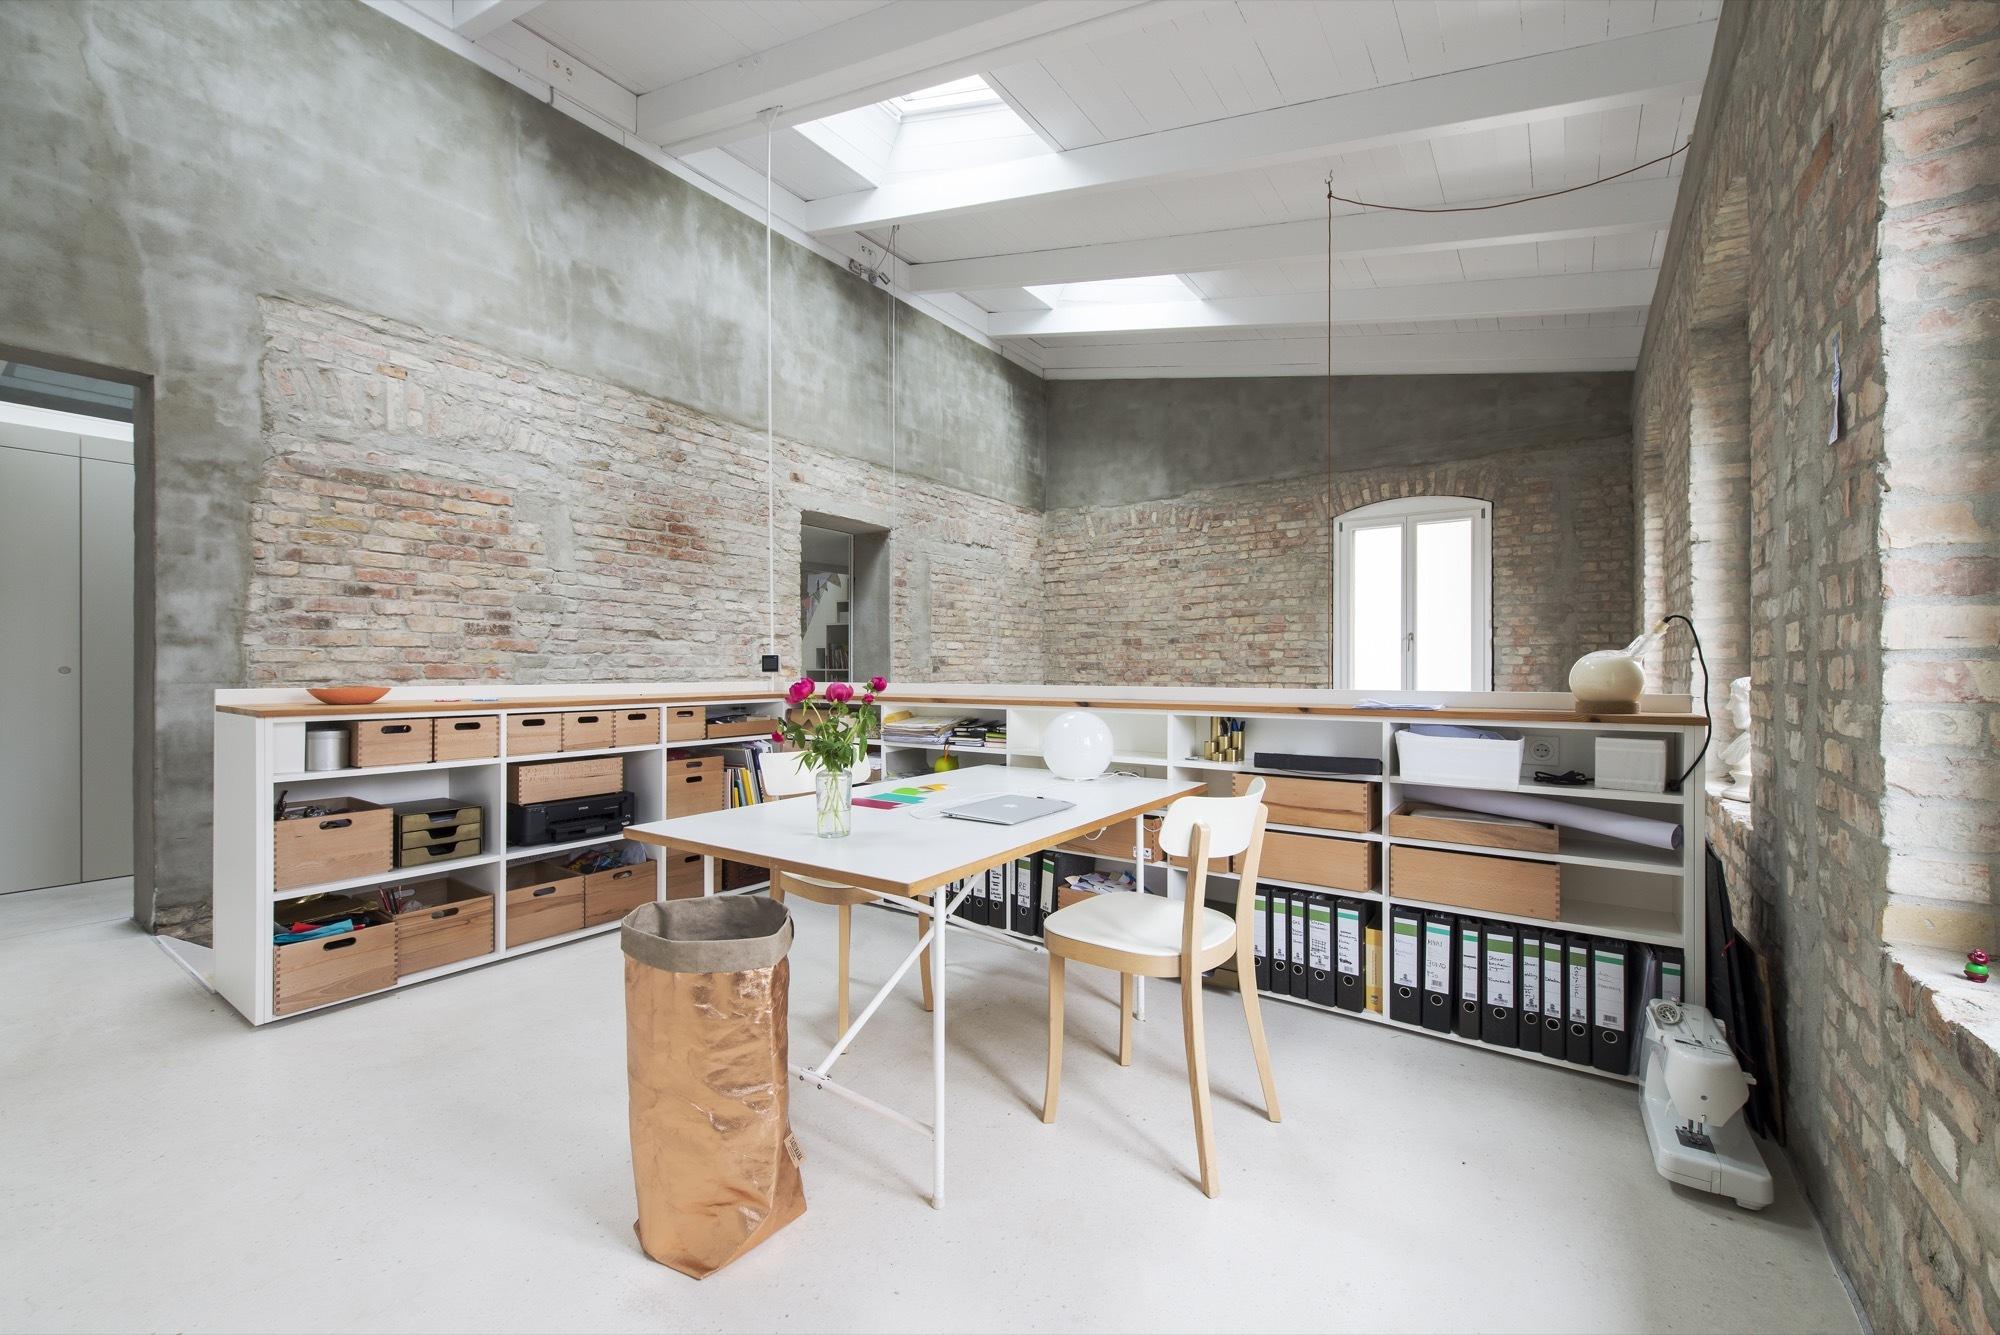 Gallery of mmb umbau m llerhaus berlin asdfg for Interior design studium berlin